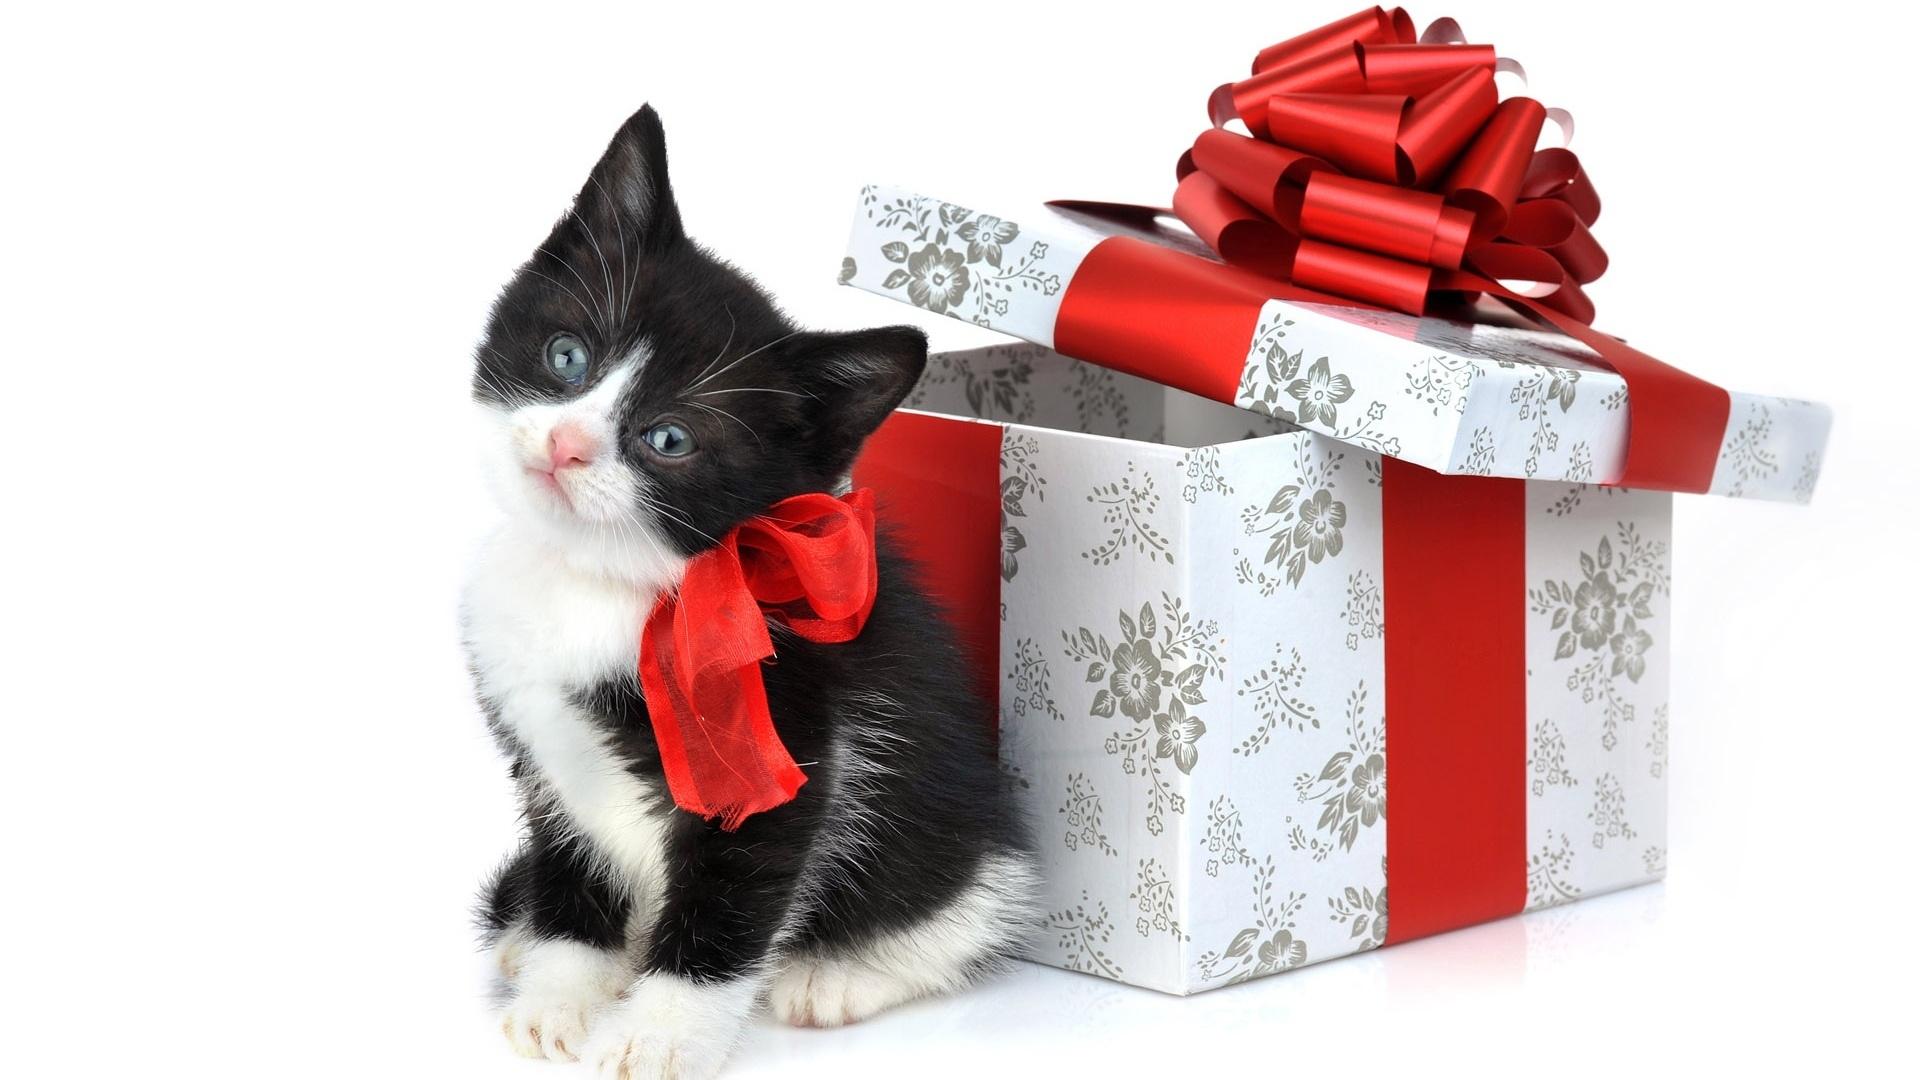 кот, котенок, Рождественские обои для рабочего стола, merry christmas wallaper, X-mas wallapper, скачать фото, Рождество